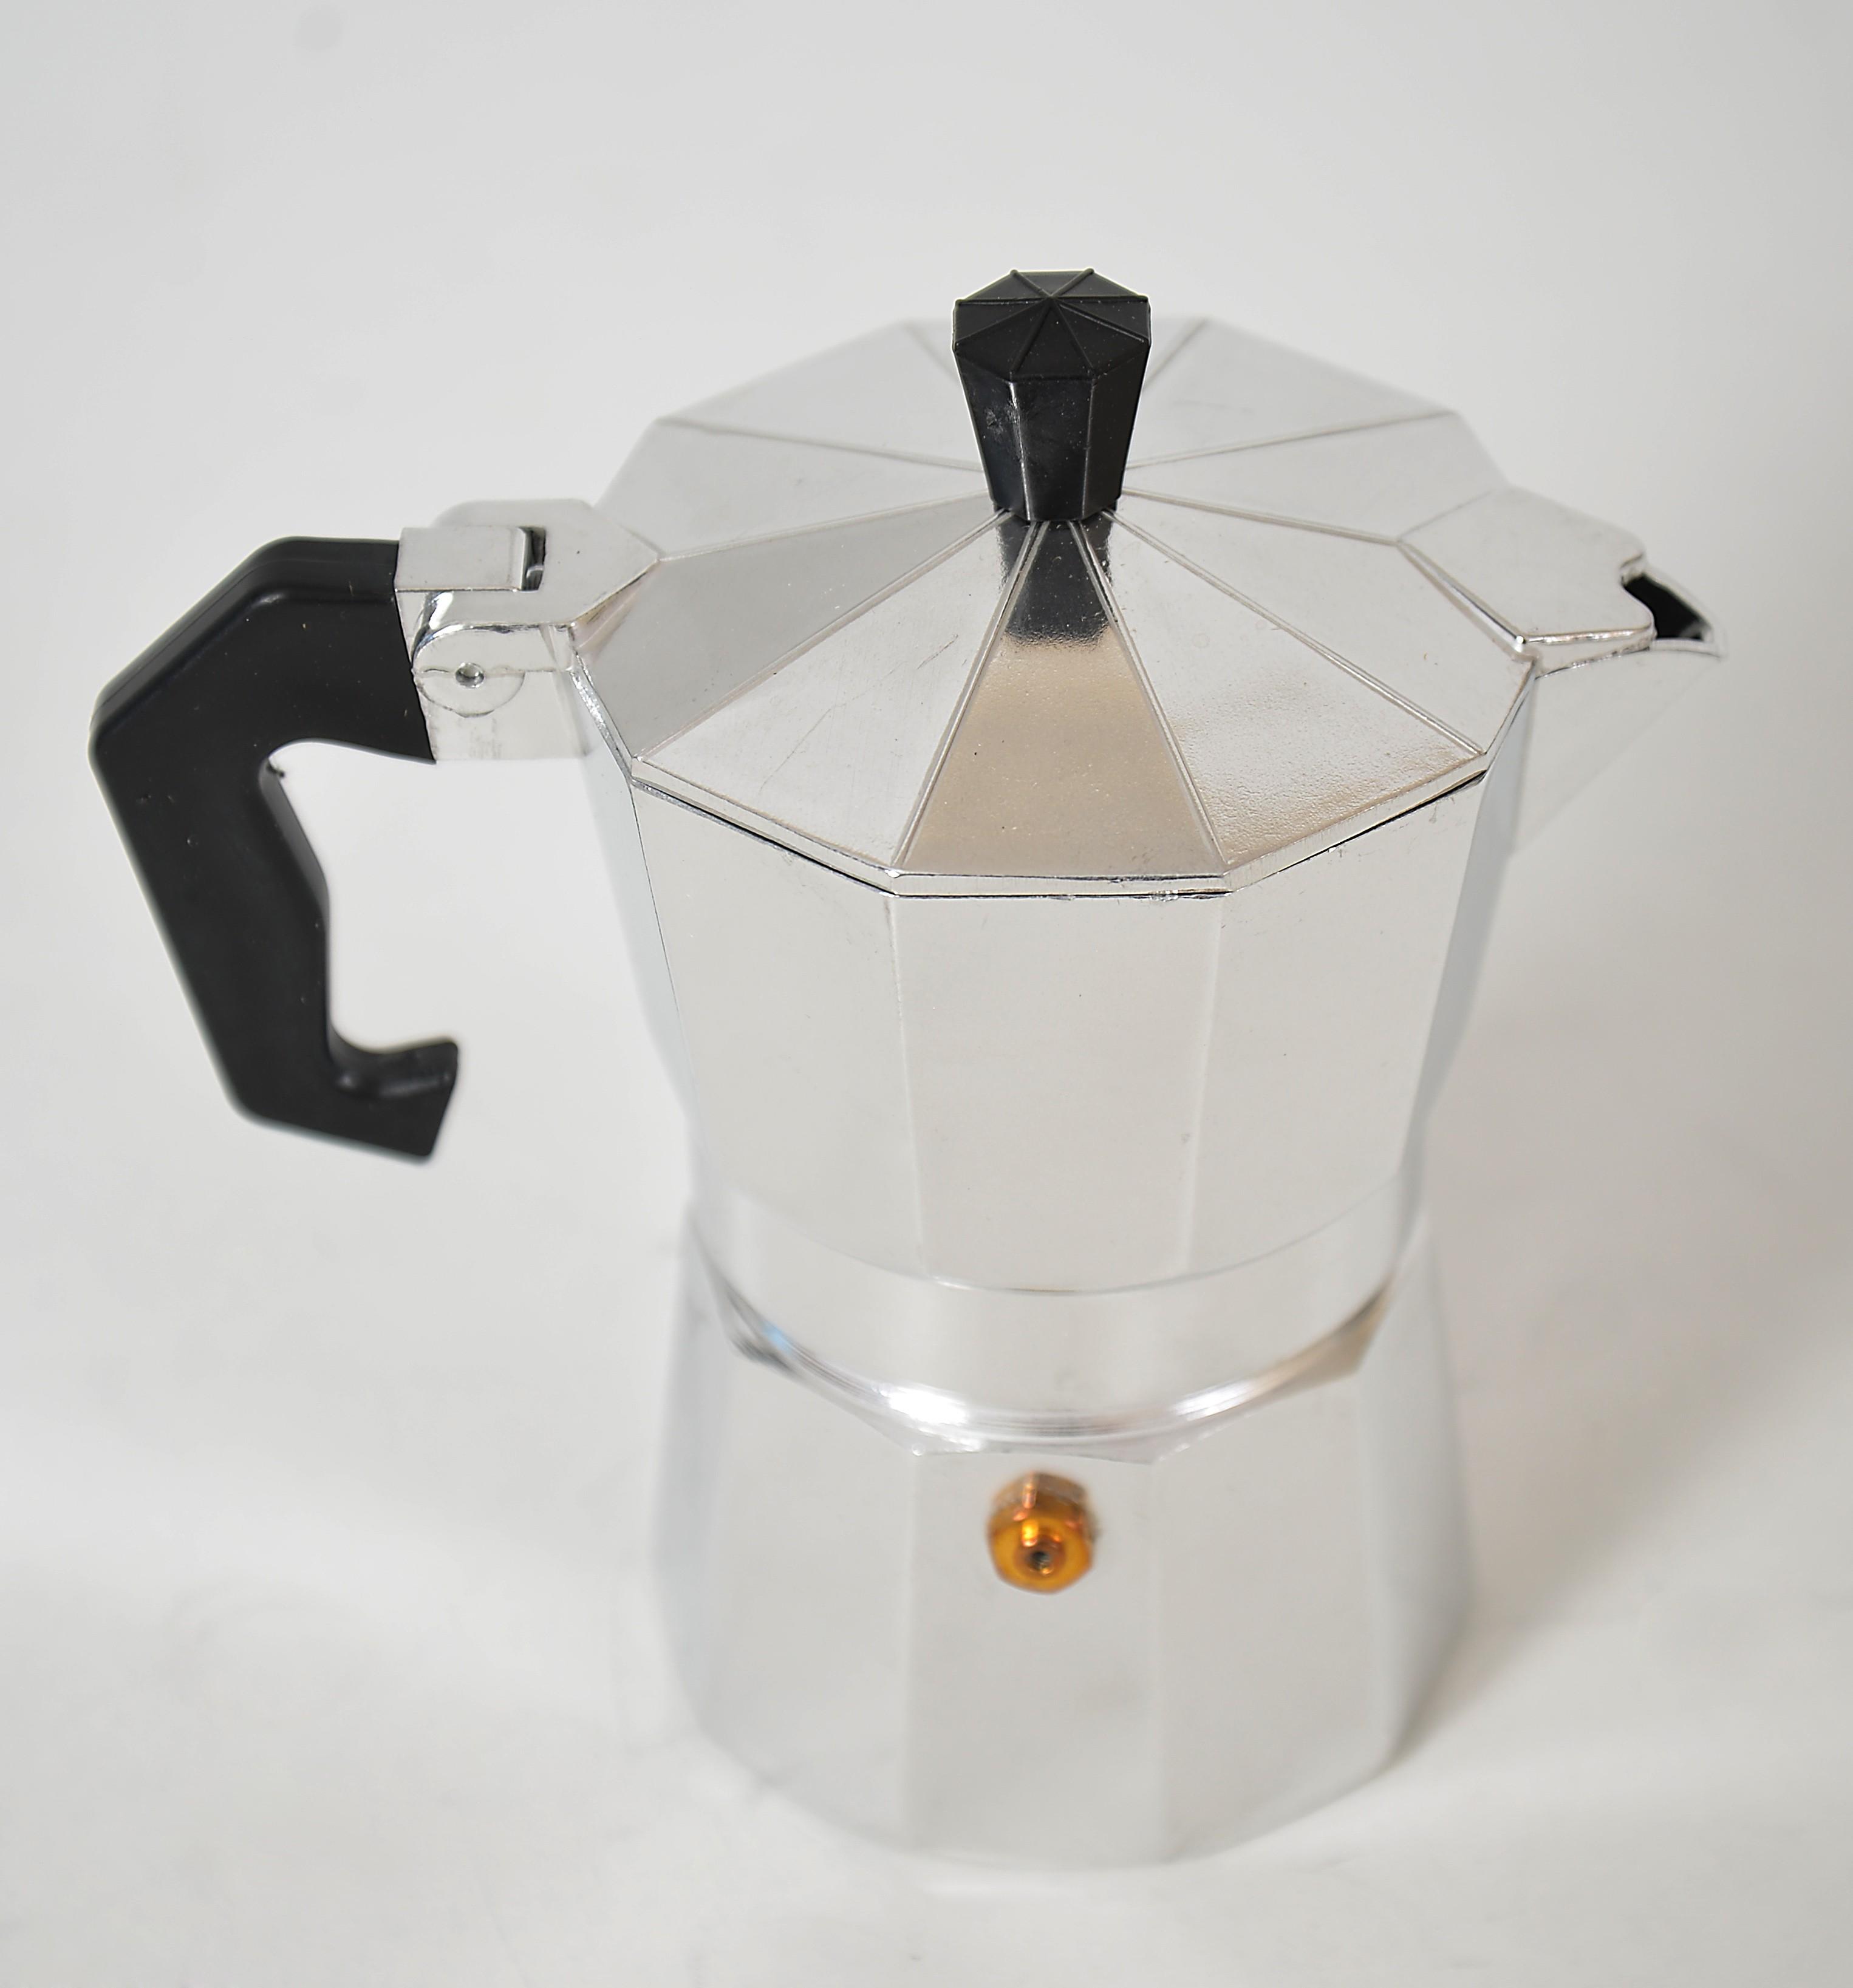 Espressor pentru cafea din aluminiu - 3 cesti